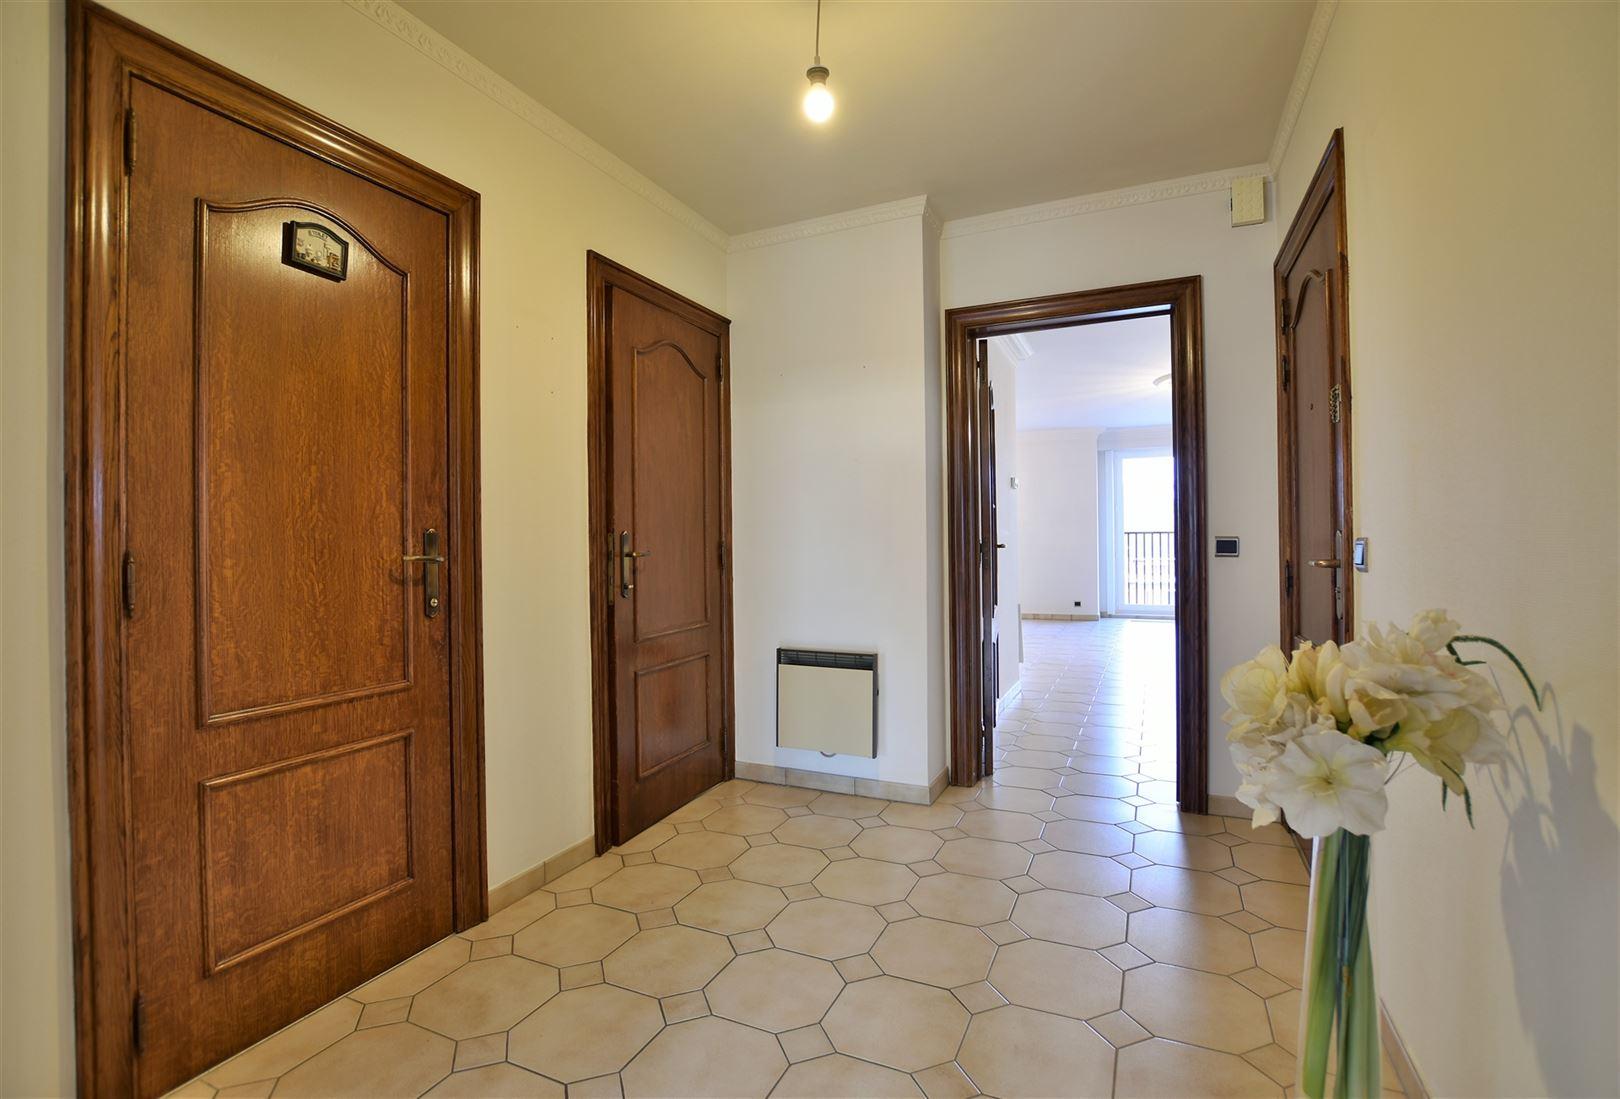 Foto 11 : Appartement te 9240 ZELE (België) - Prijs € 299.000